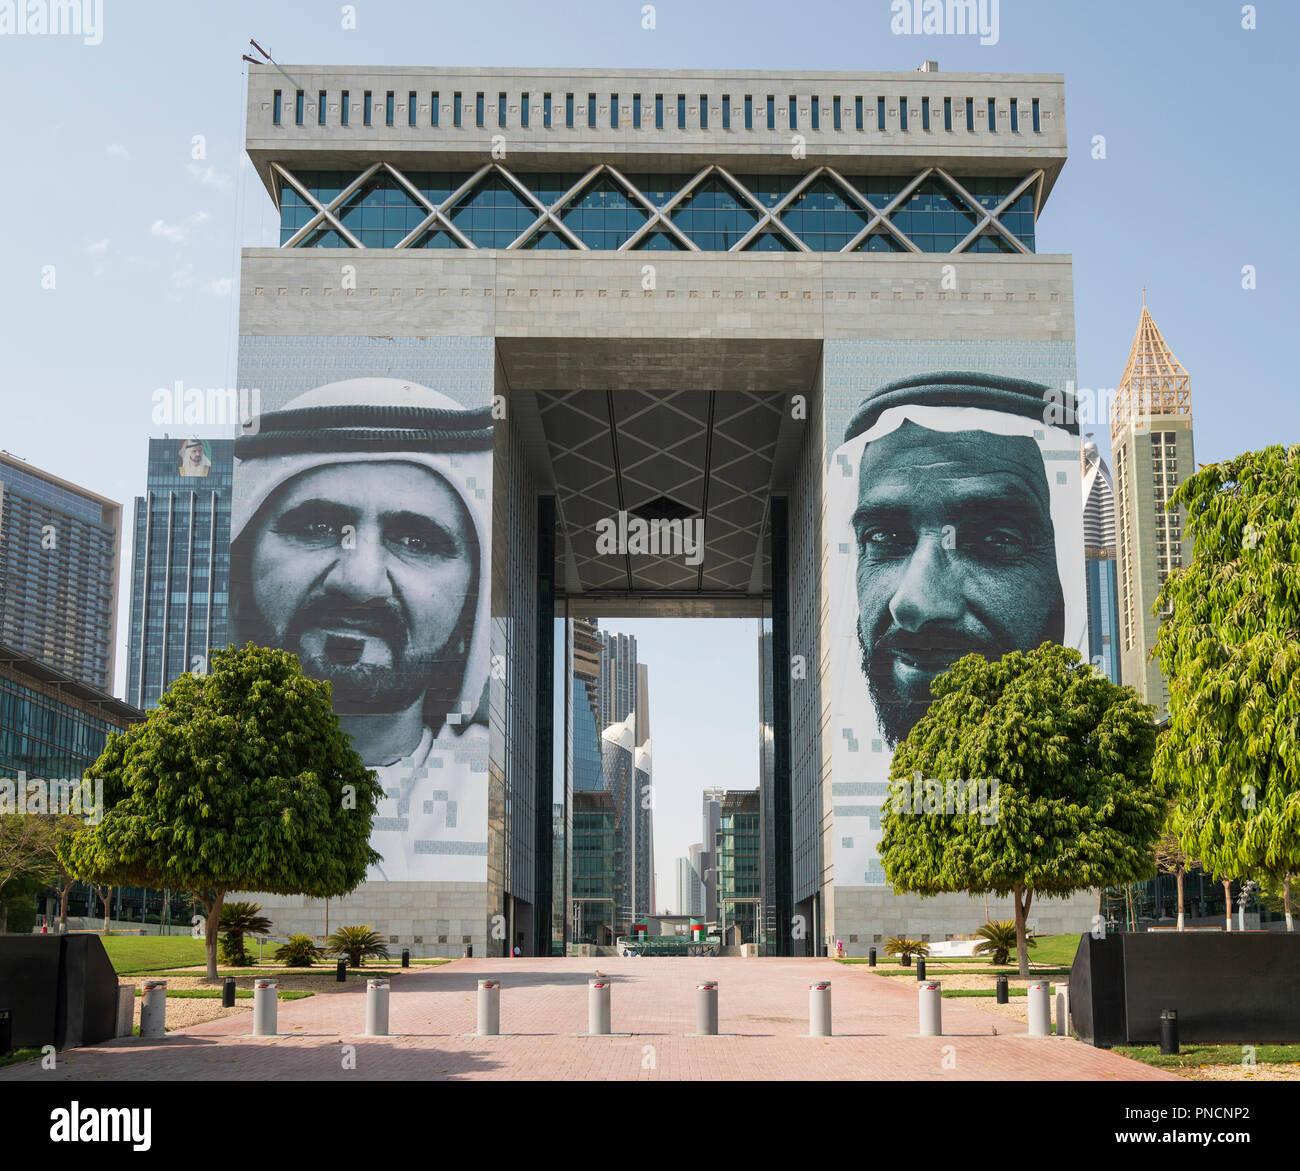 Le DIFC (Centre Financier International de Dubaï) une zone économique spéciale à DUBAÏ, ÉMIRATS ARABES UNIS, Émirats arabes unis. Photo Stock